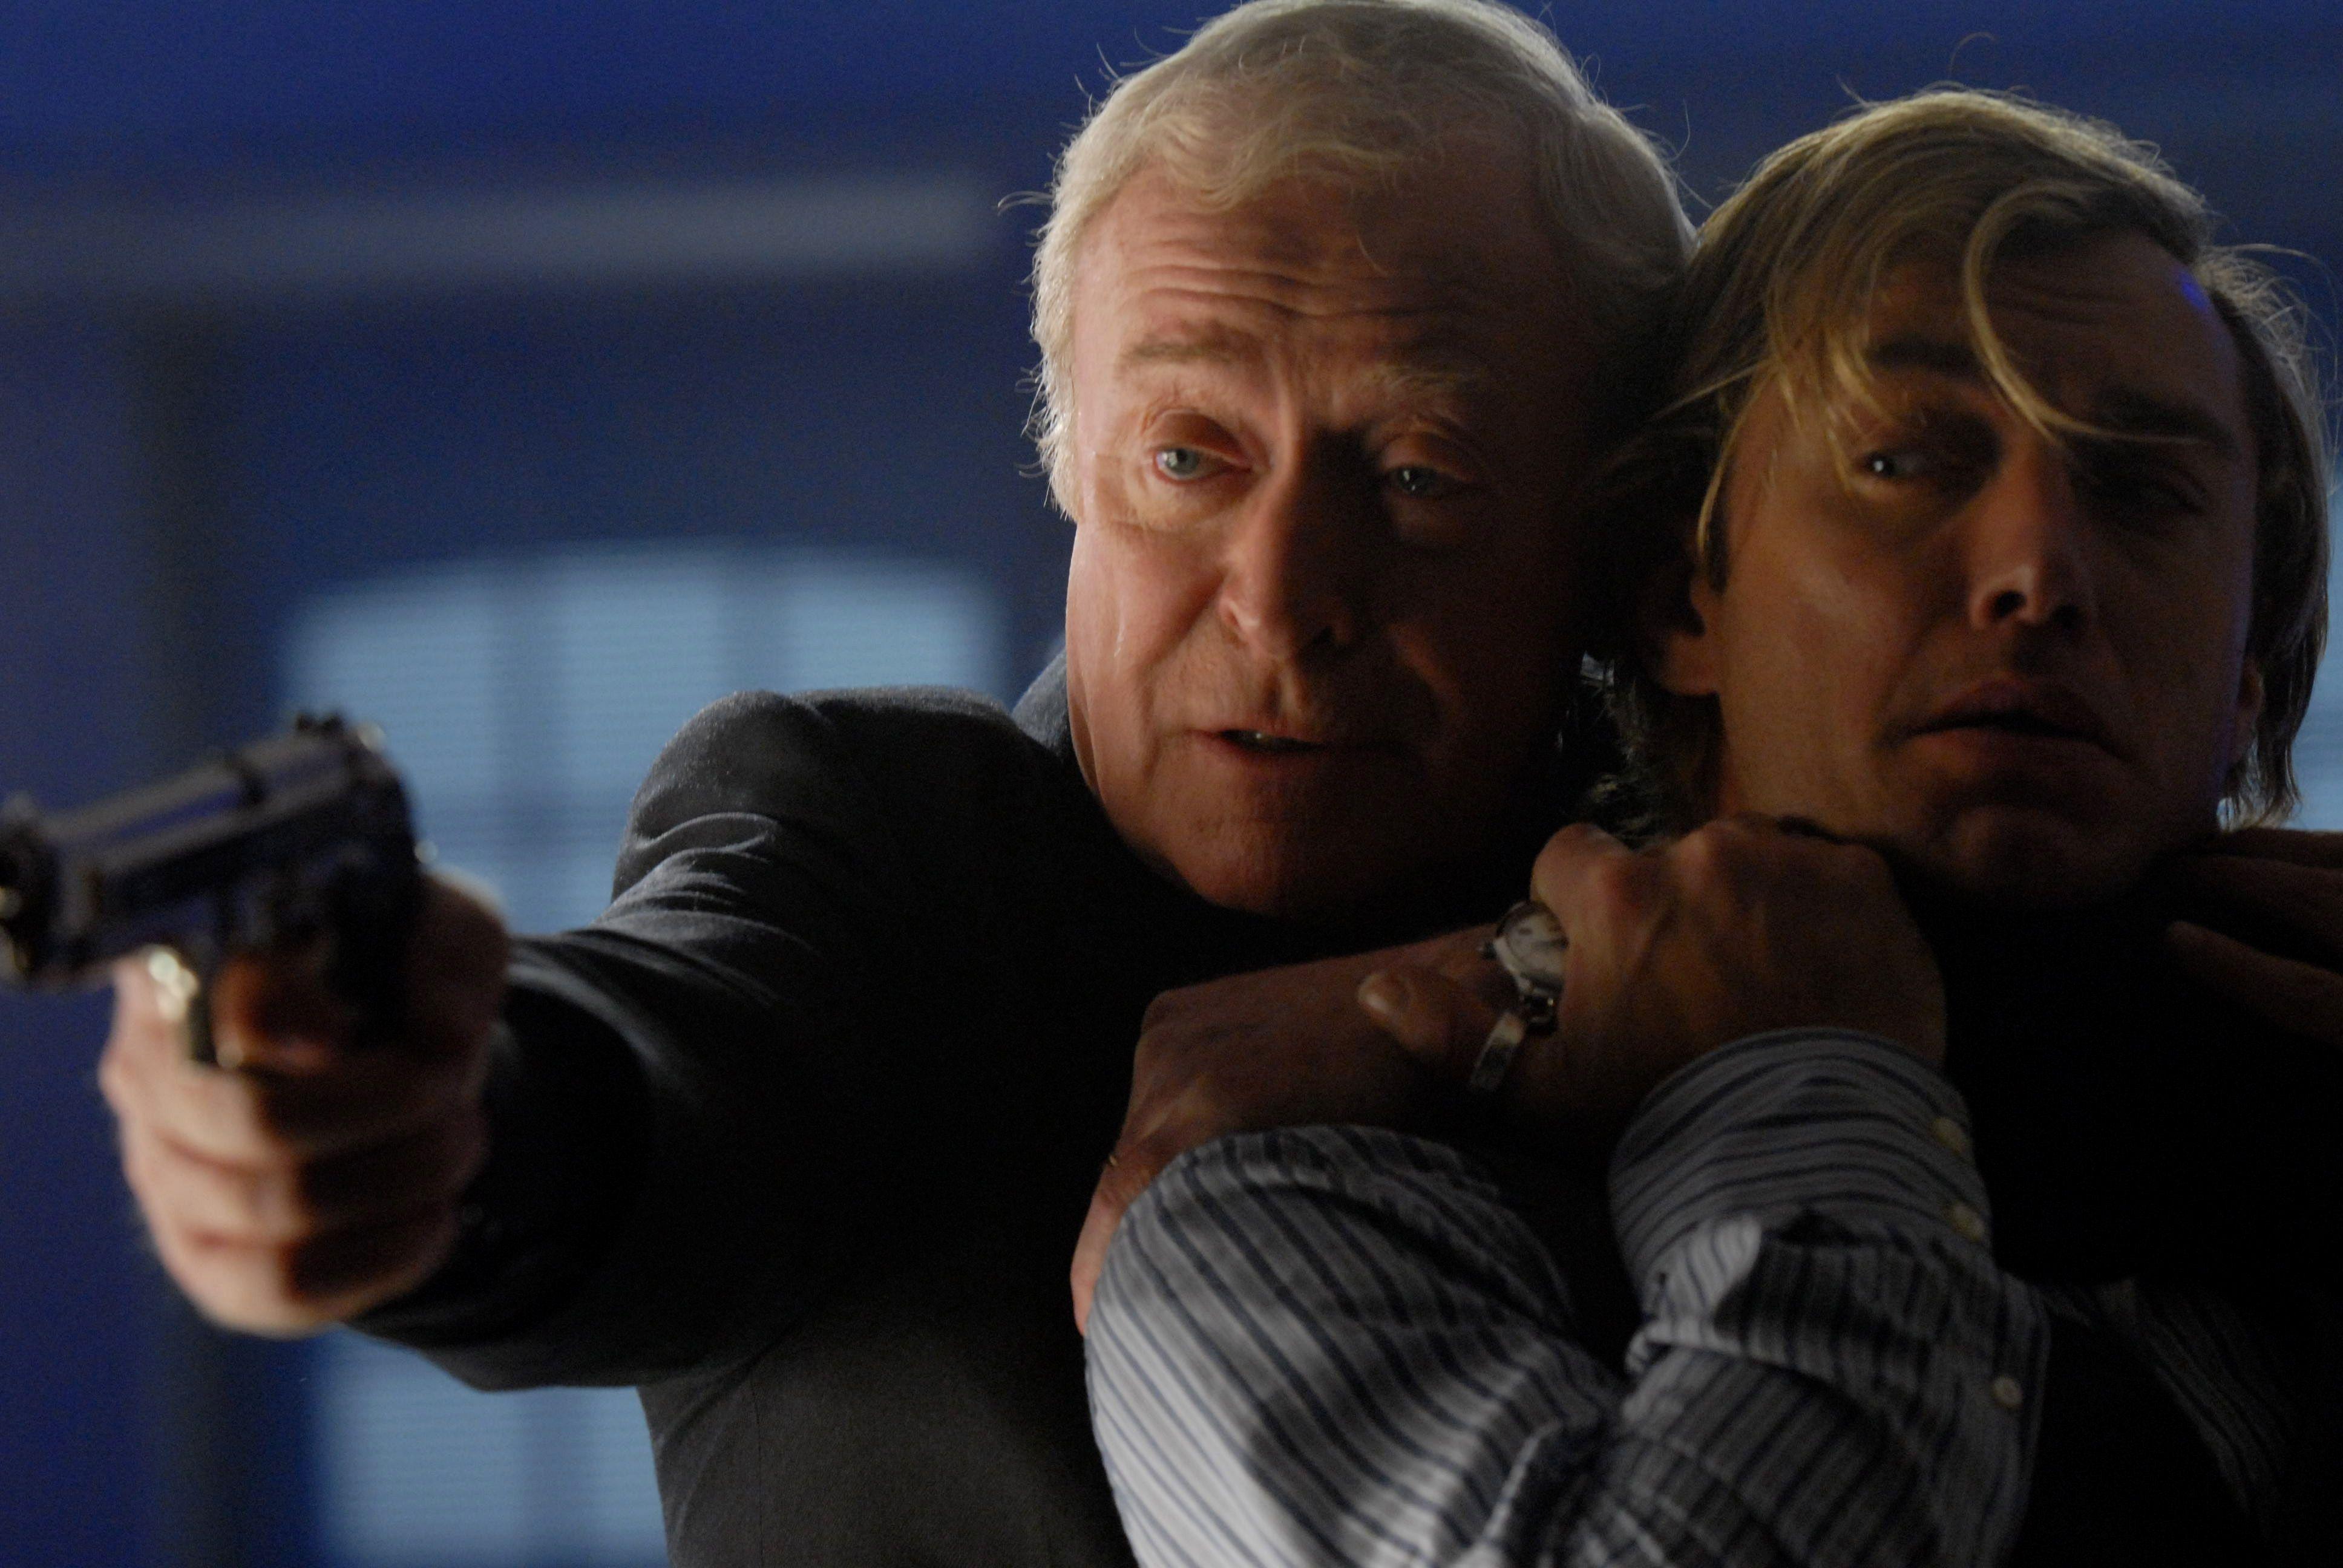 Michael Caine spiller godt, men det hjelper bare litt når motspiller Law ikke kan skryte på seg det samme.